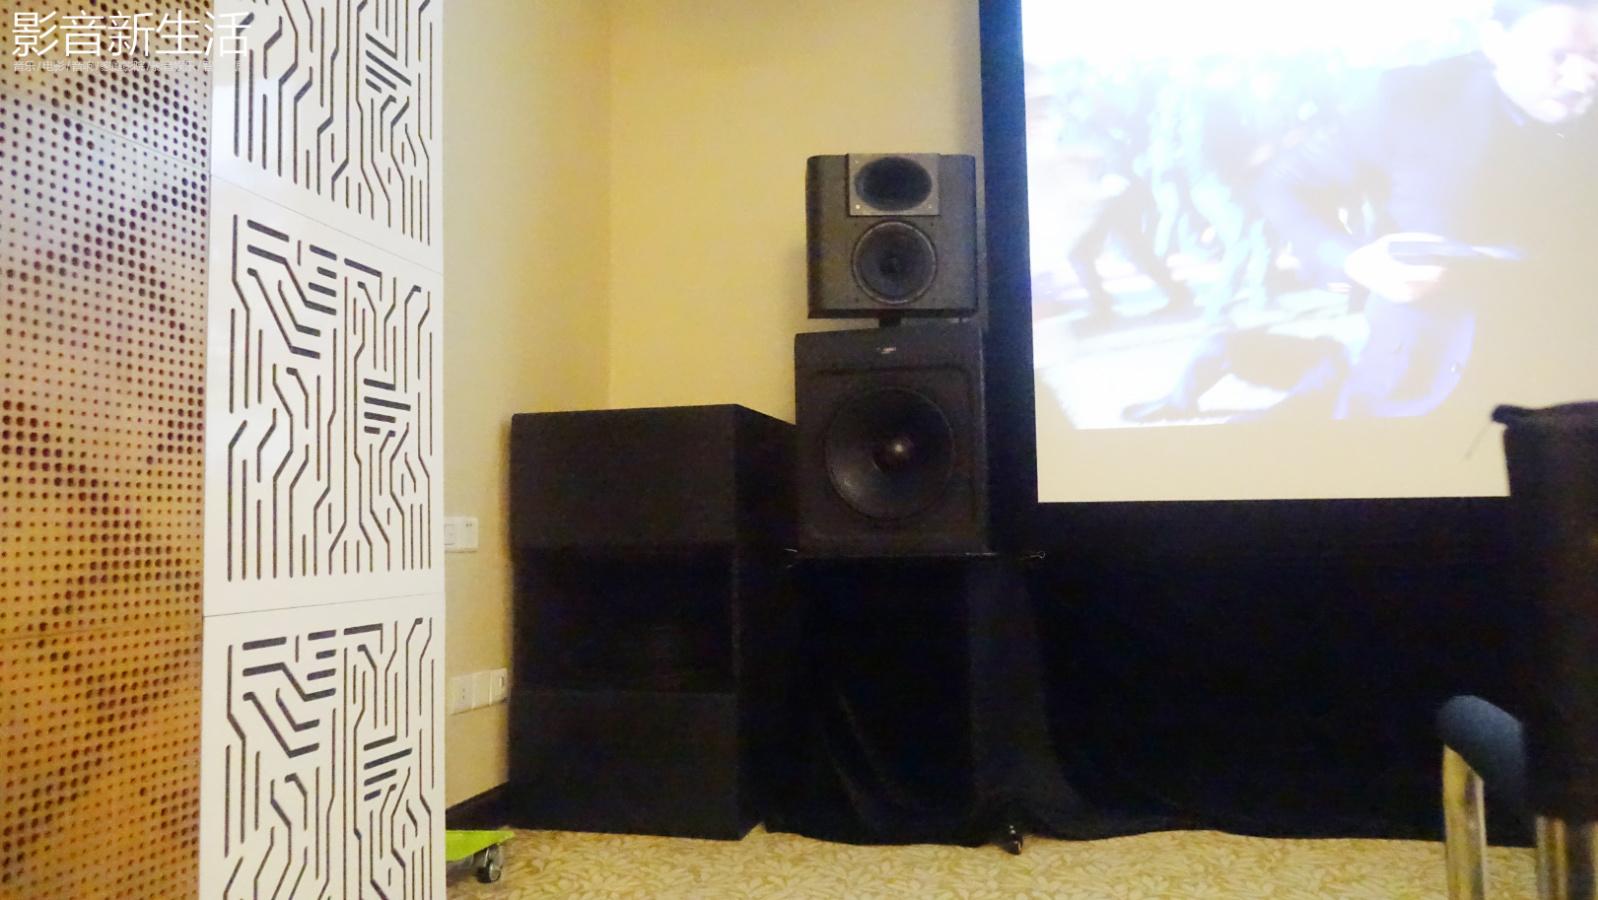 """回顾   """"价值160万顶级家庭影院系统亮相!"""" 米乐影音携Trinnov、Procella等最新影音产品高调参加2018广州国际音响唱片展!"""